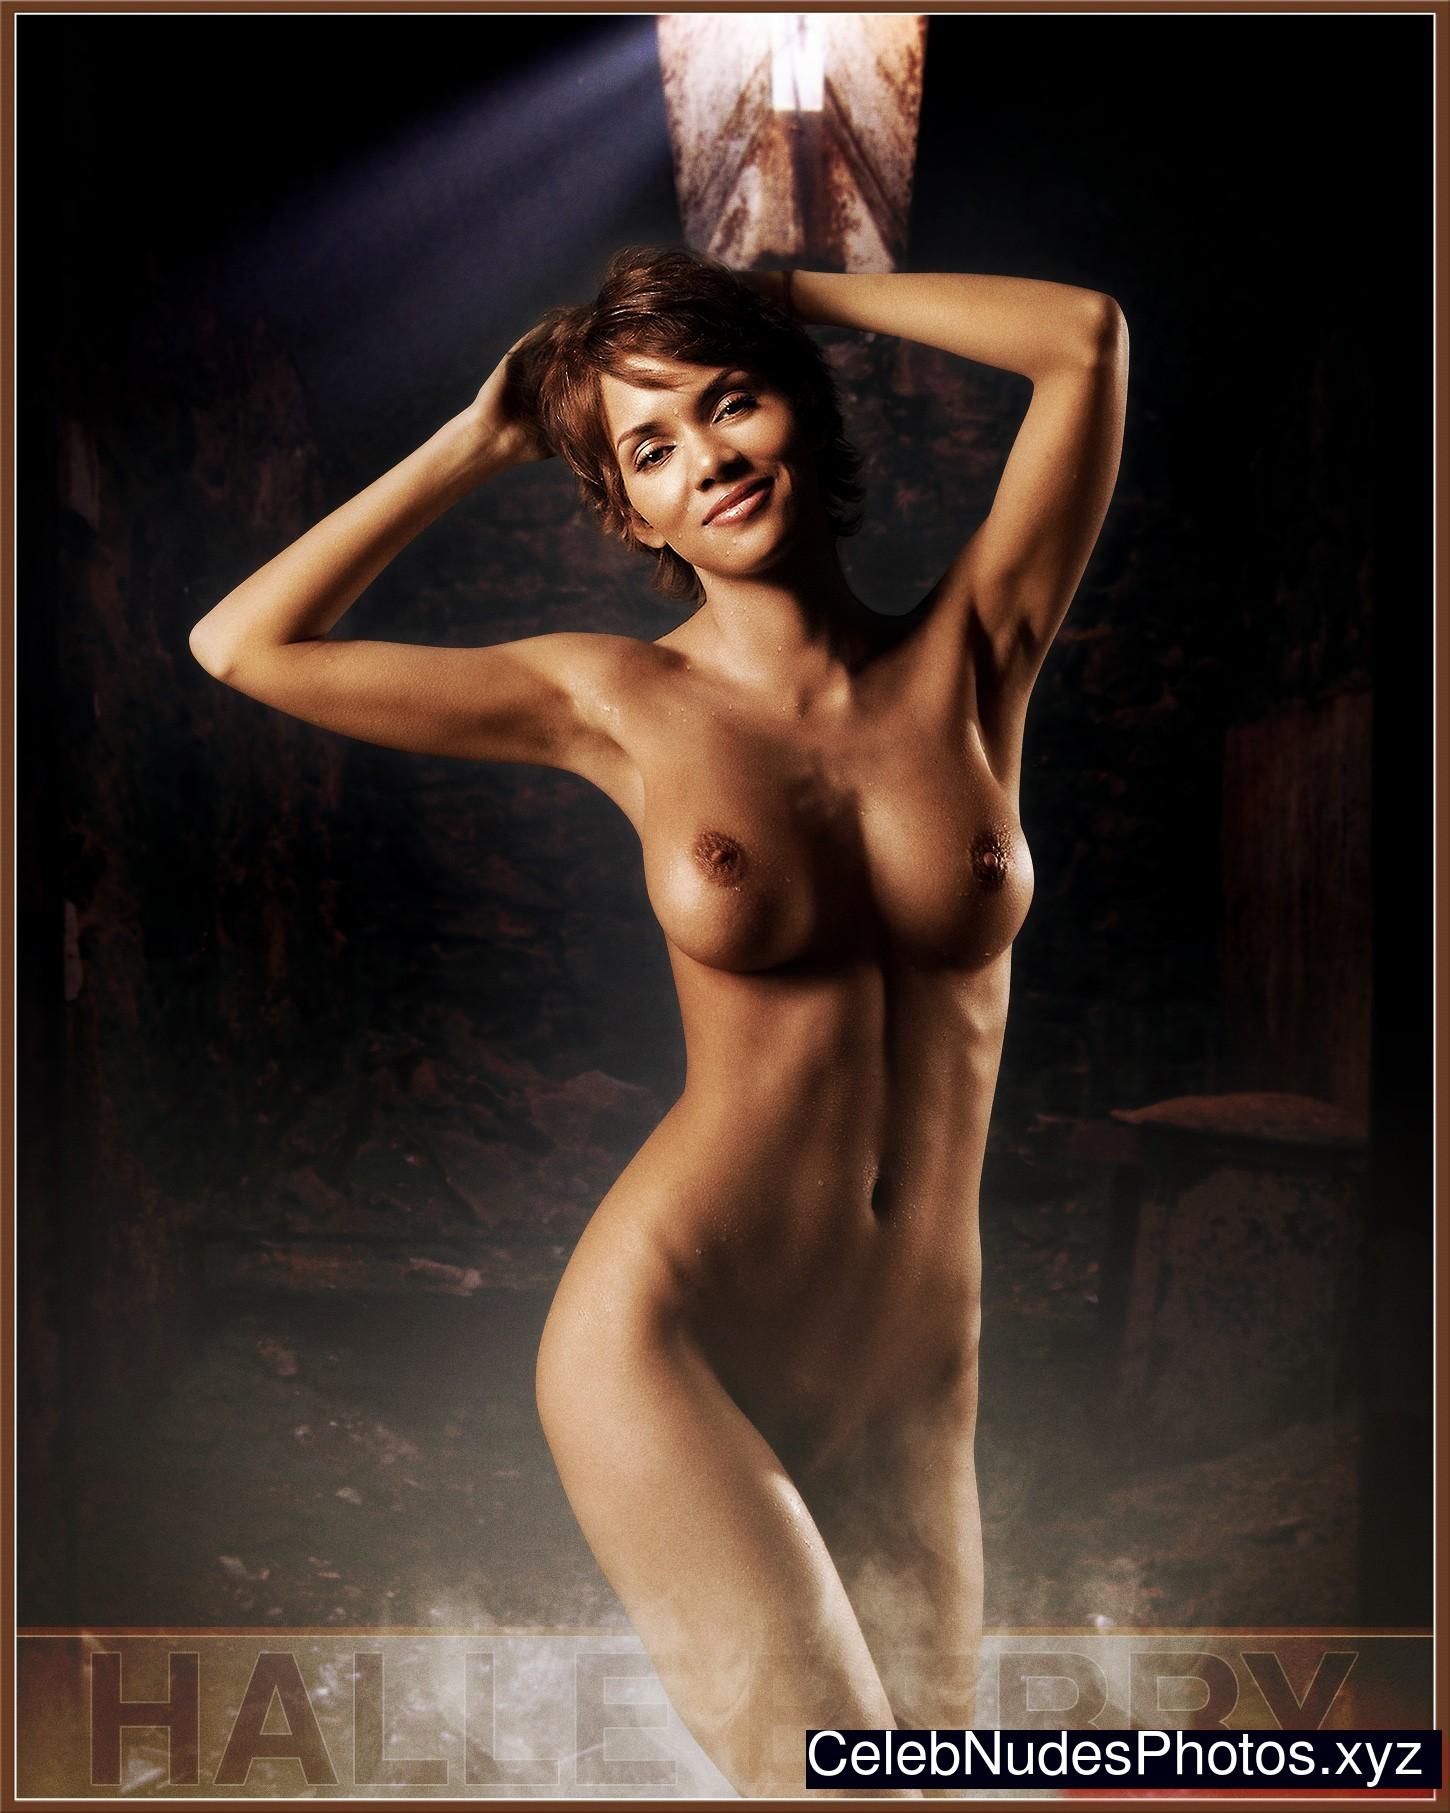 Halle Berry celebrity nude pics